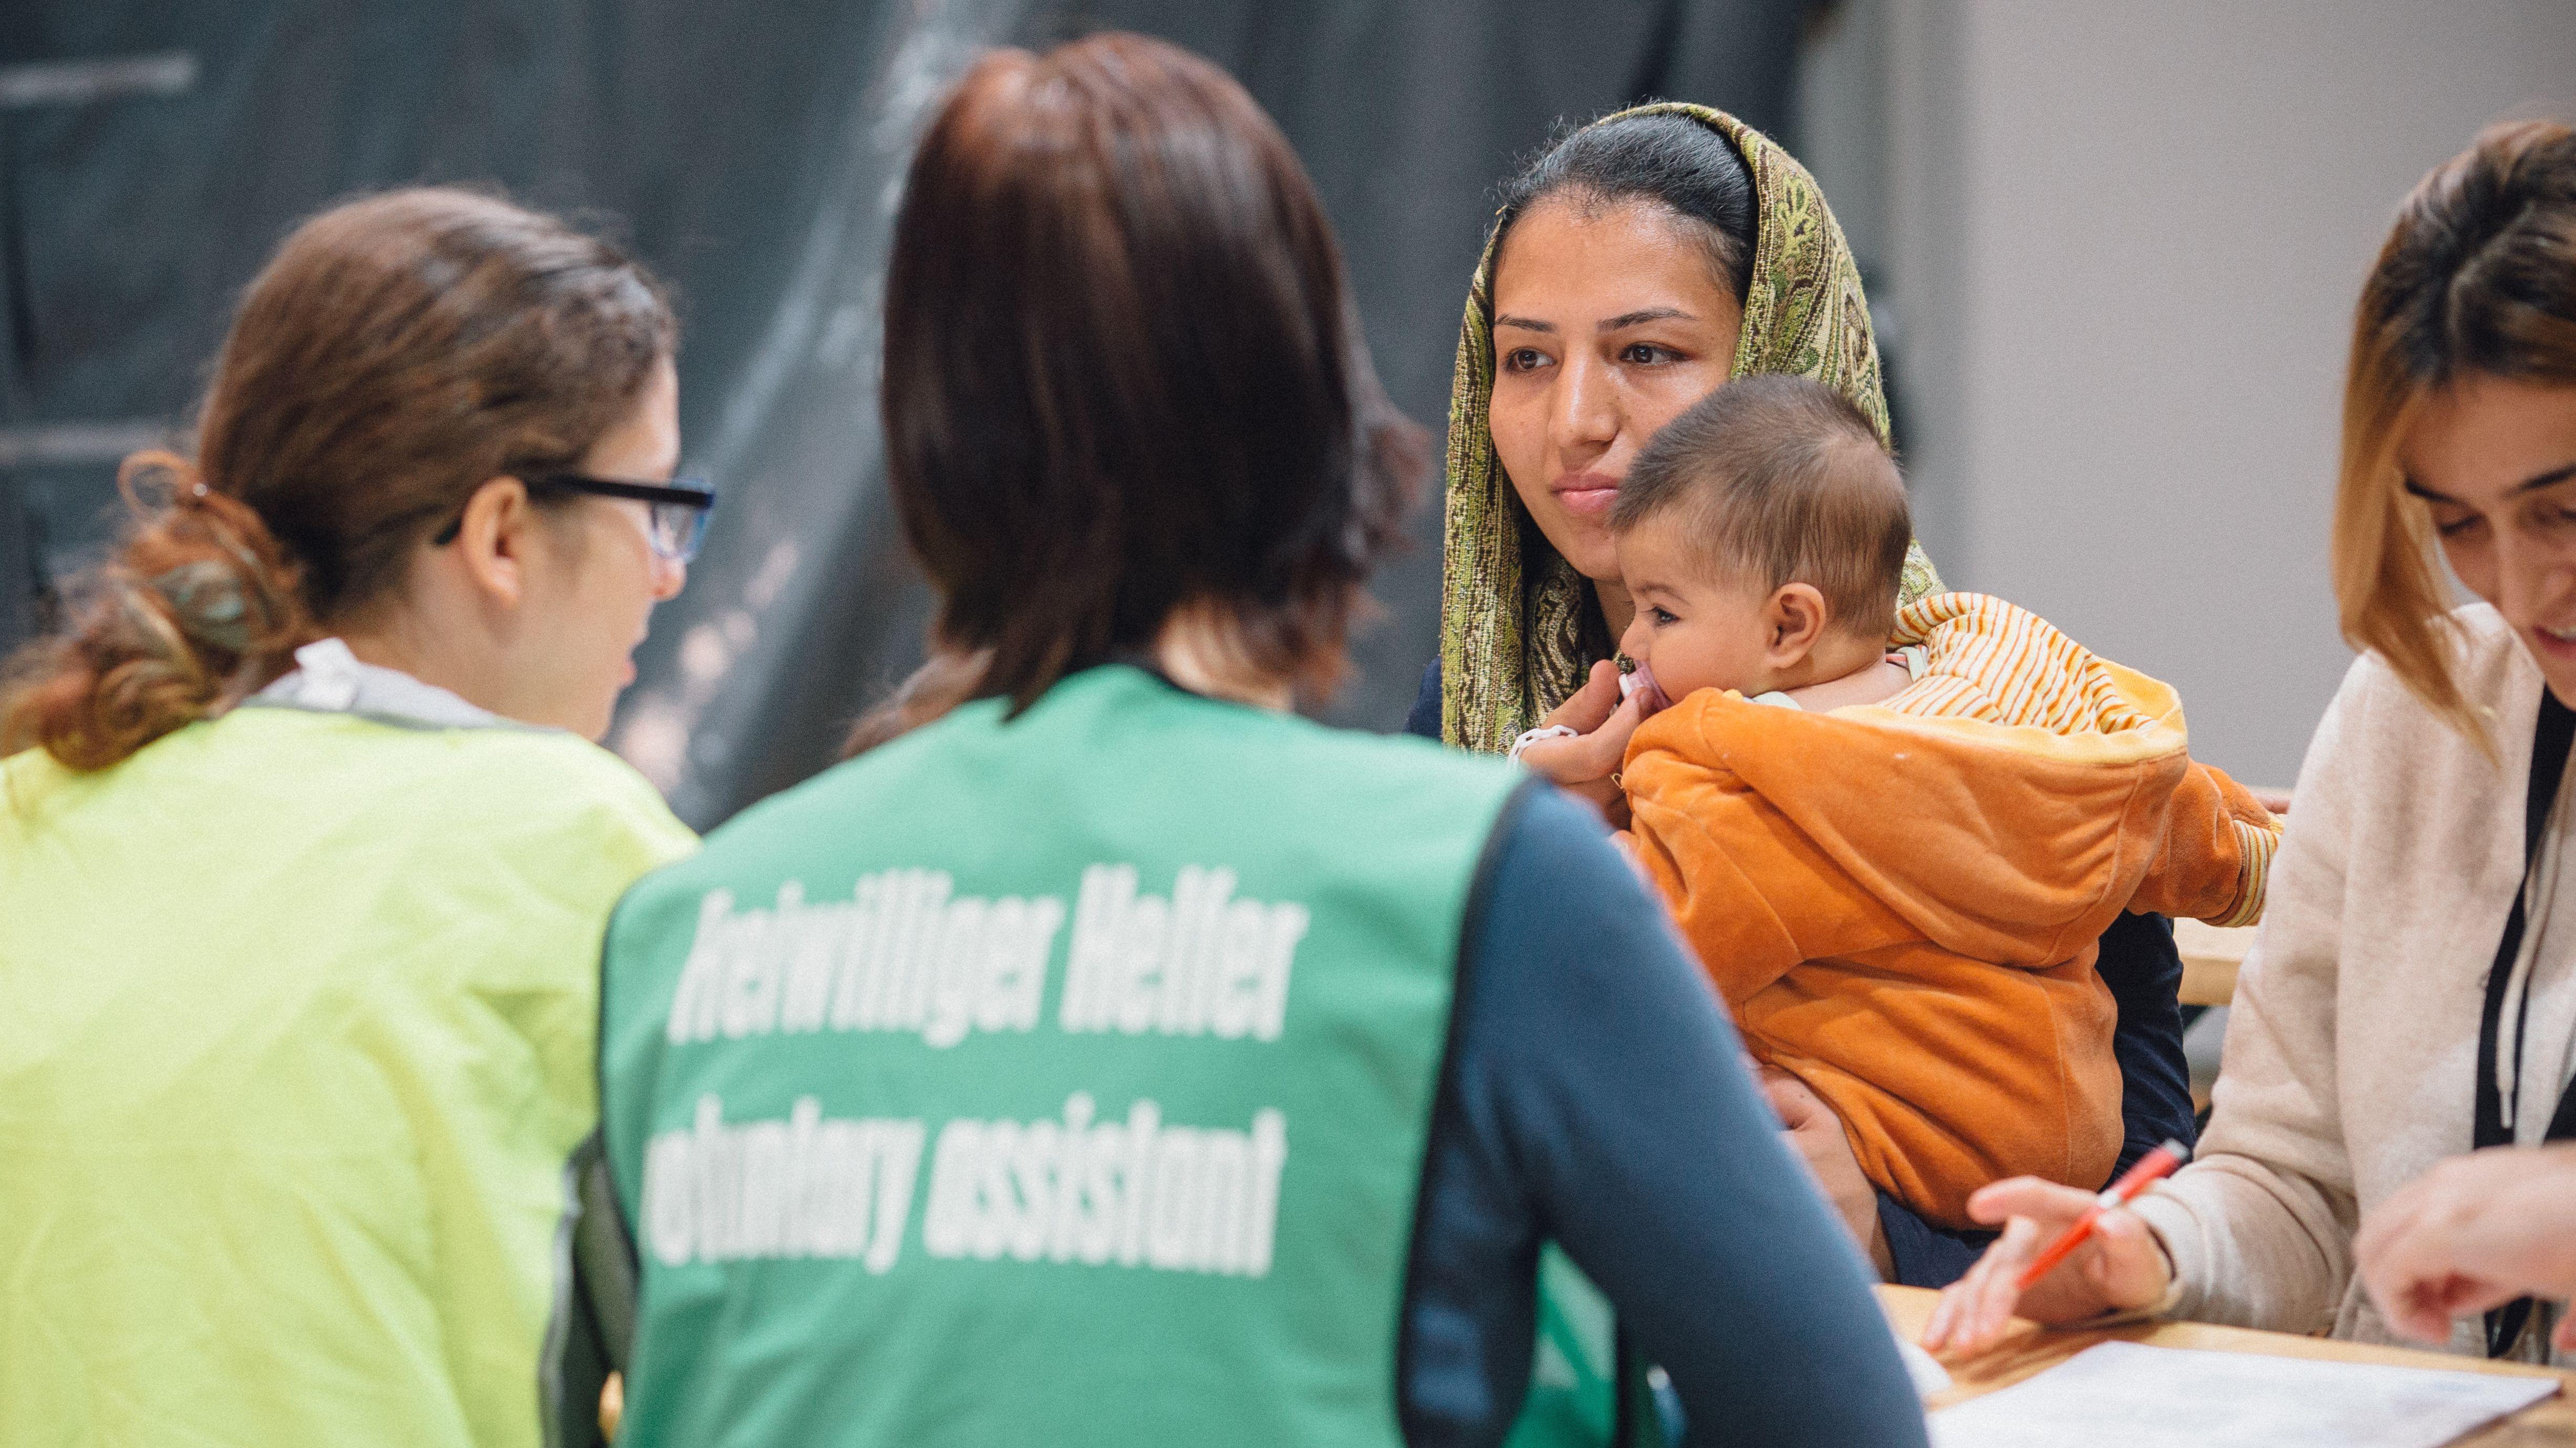 Flüchtlinge erhalten am 07.12.2015 in der Erstaufnahme-Einrichtung des Deutschen Roten Kreuzes von Helfern auf dem Gelände der Technischen Universität in Dresden (Sachsen) Deutsch-Unterrricht.